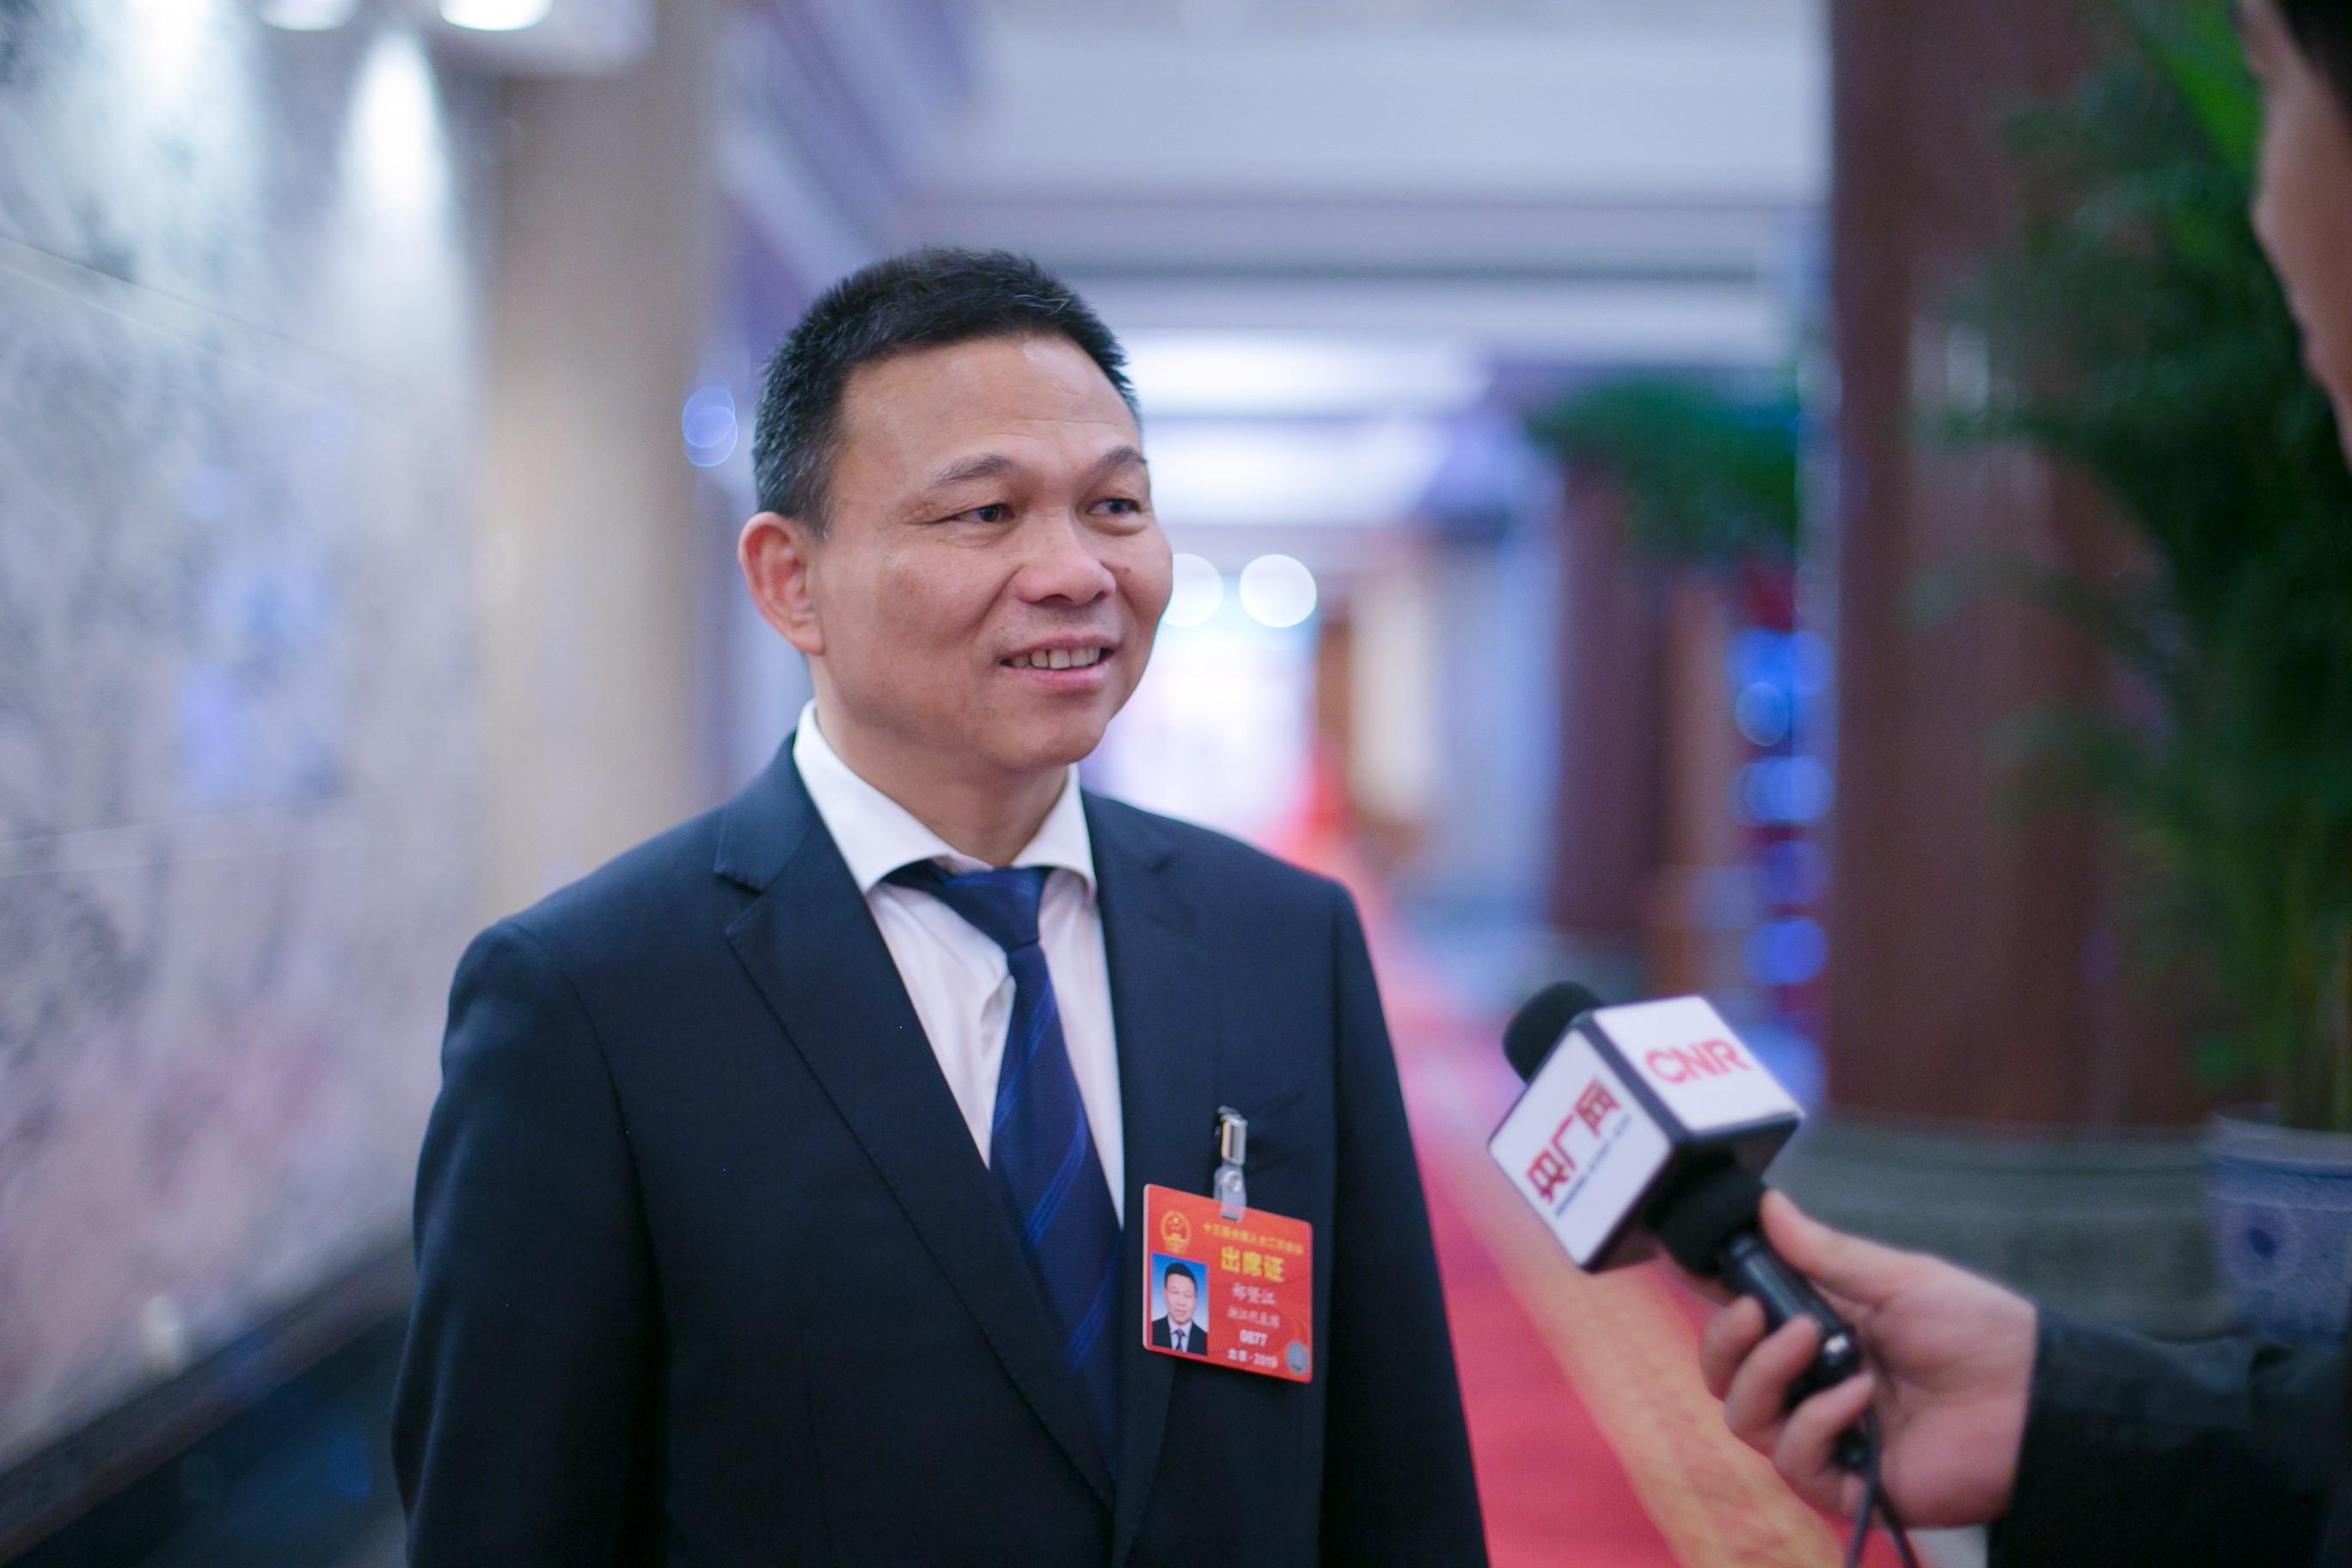 Wife of Chinese billionaire parliamentarian Zheng Jianjiang sues